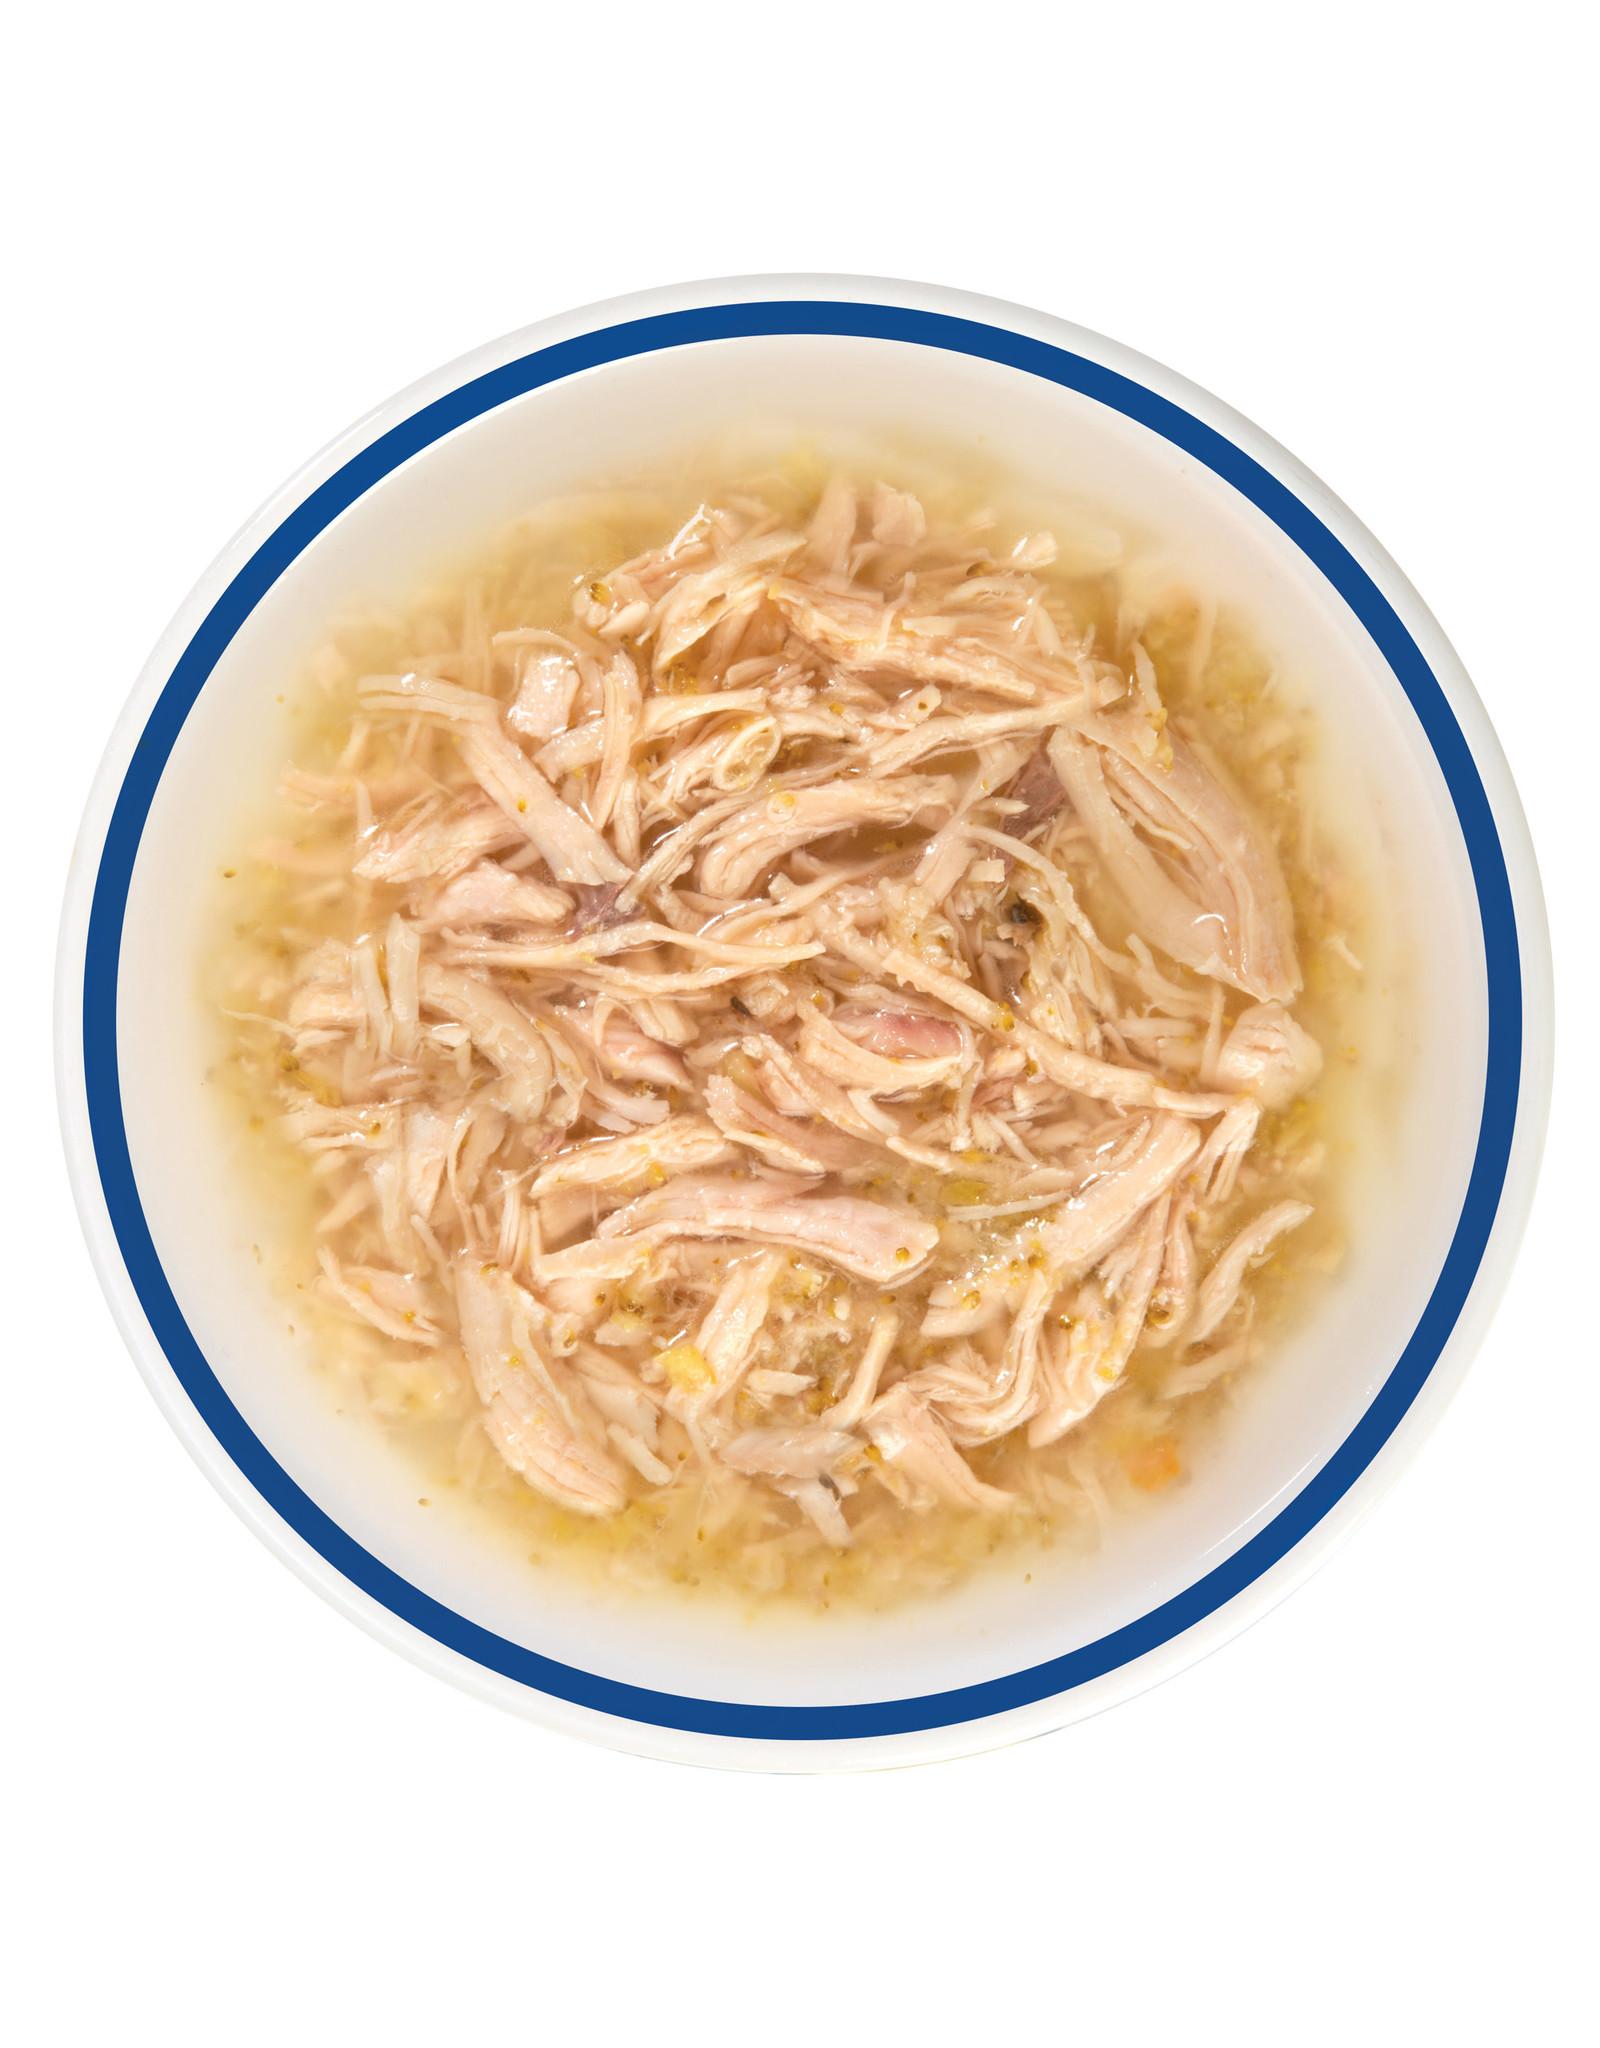 CatIt Divine Shreds - Chicken with Mackerel & Broccoli - 75g Pouch